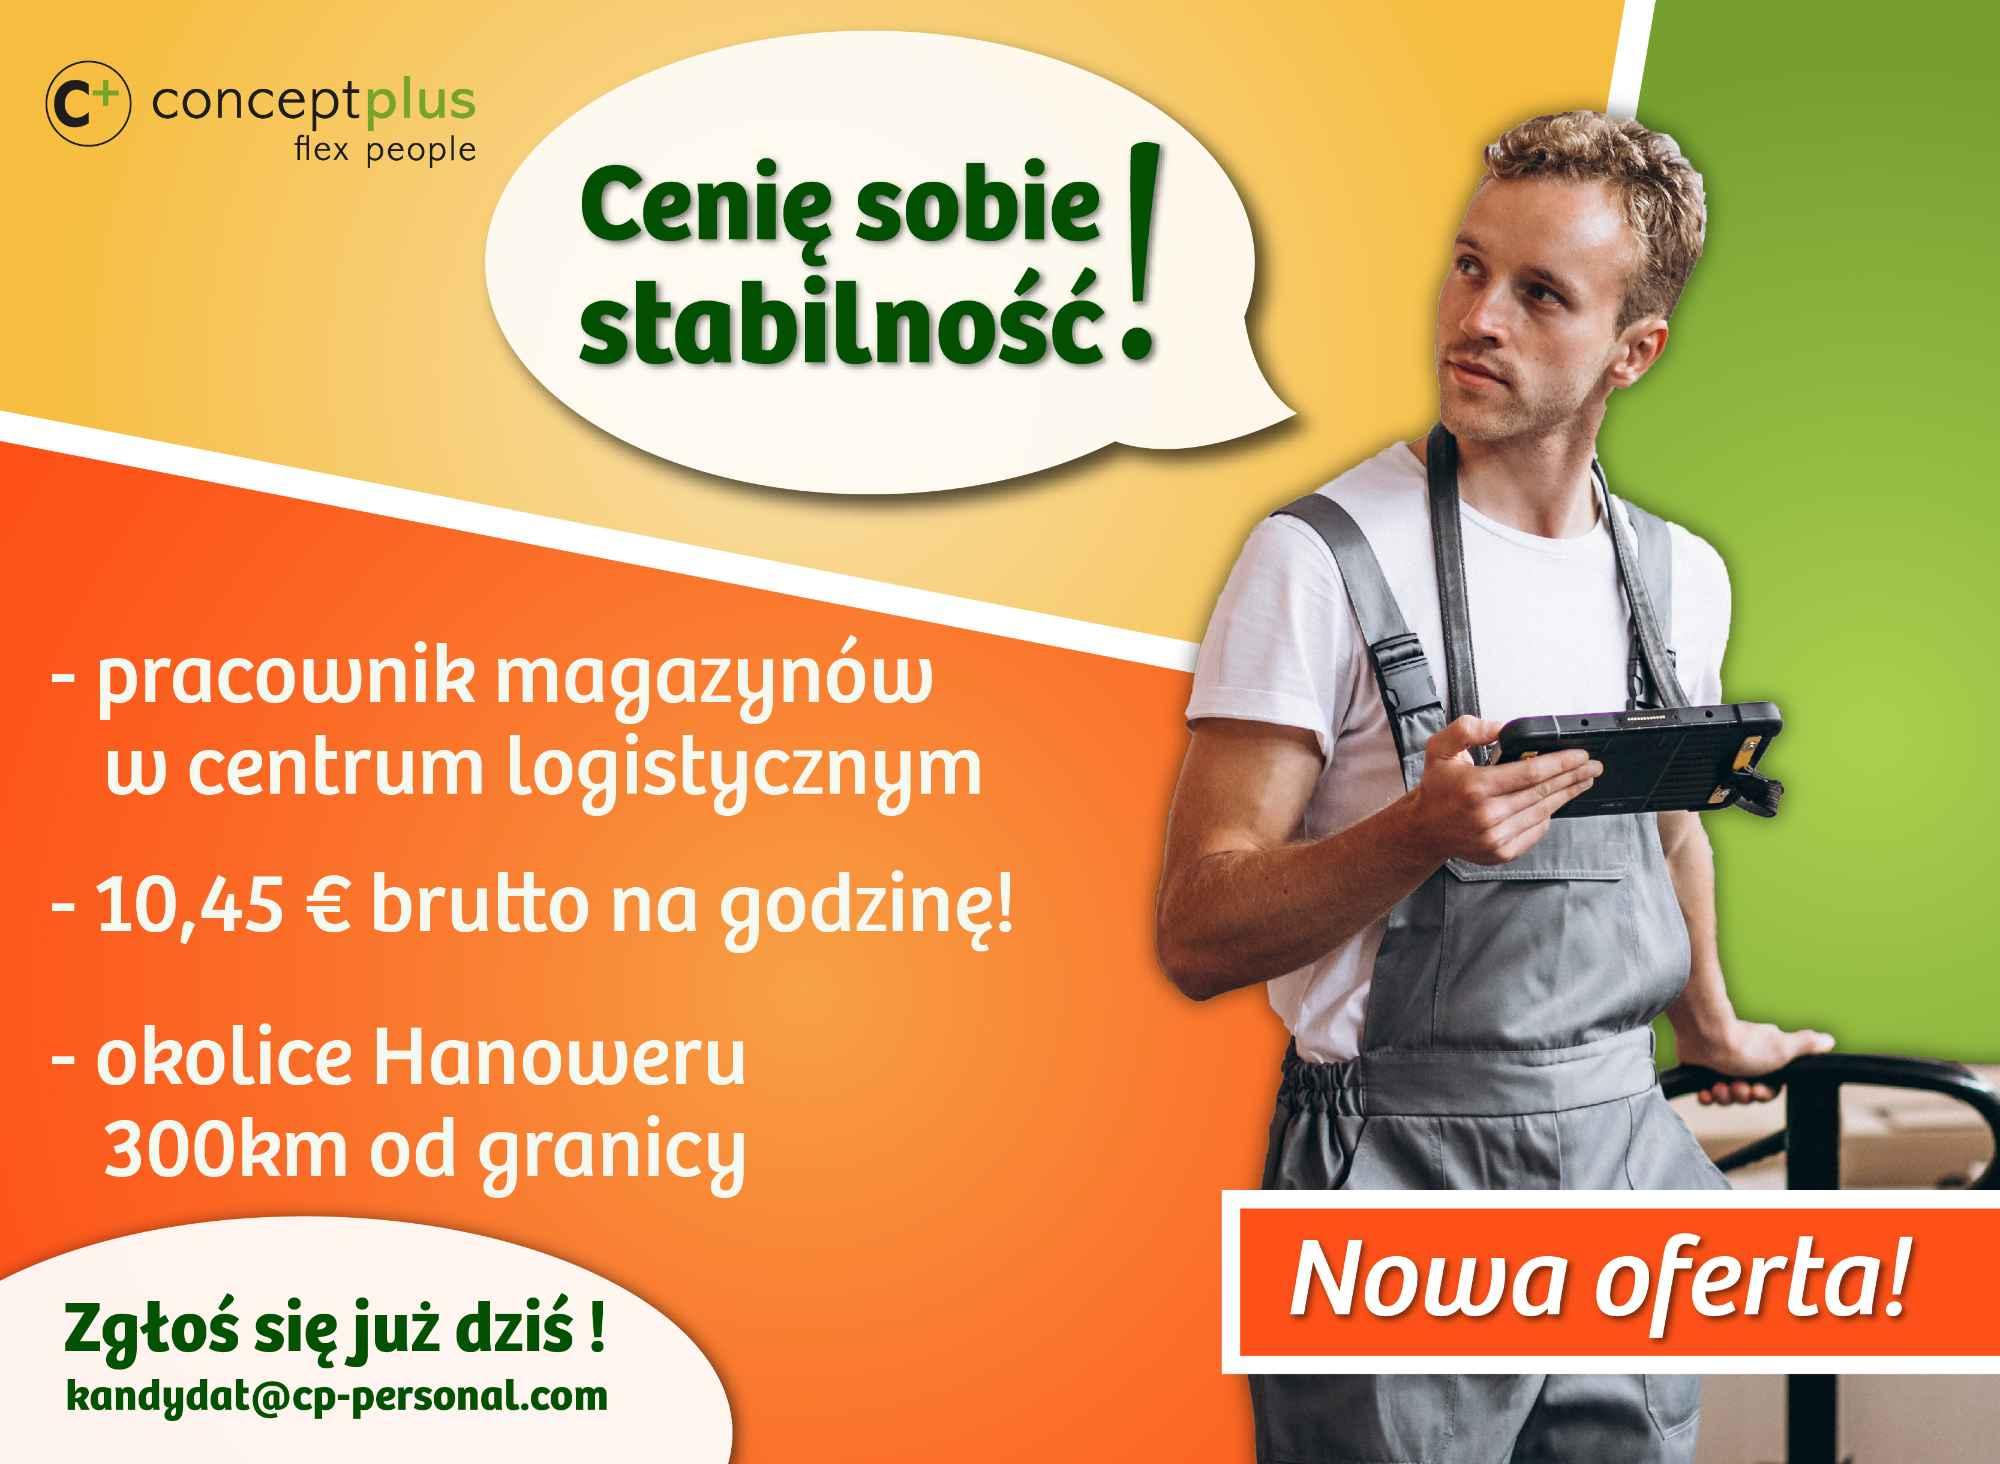 KOMISJONER / PRACOWNIK MAGAZYNU (K/M) - BEZ ZNAJOMOŚCI JĘZYKA - NIEMCY Rzeszów - zdjęcie 1